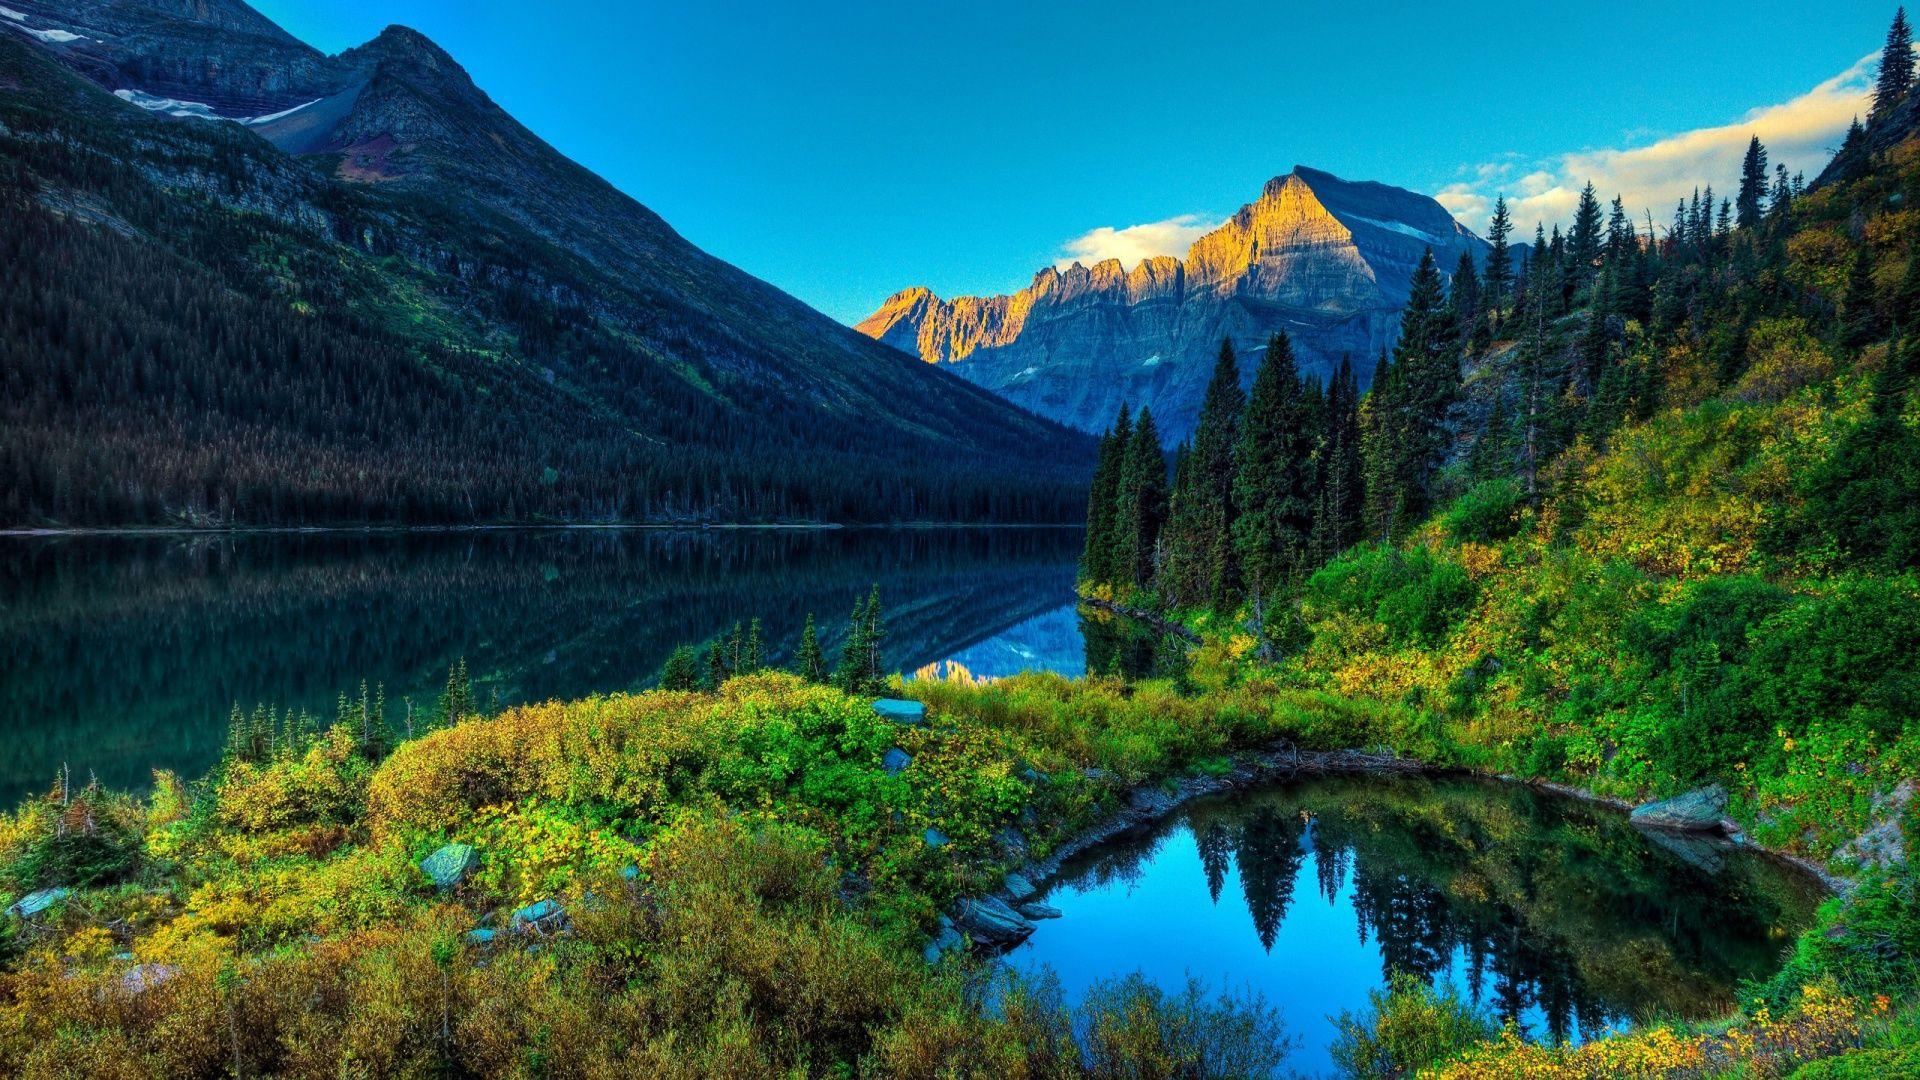 Mountain Scenery HD Wallpaper